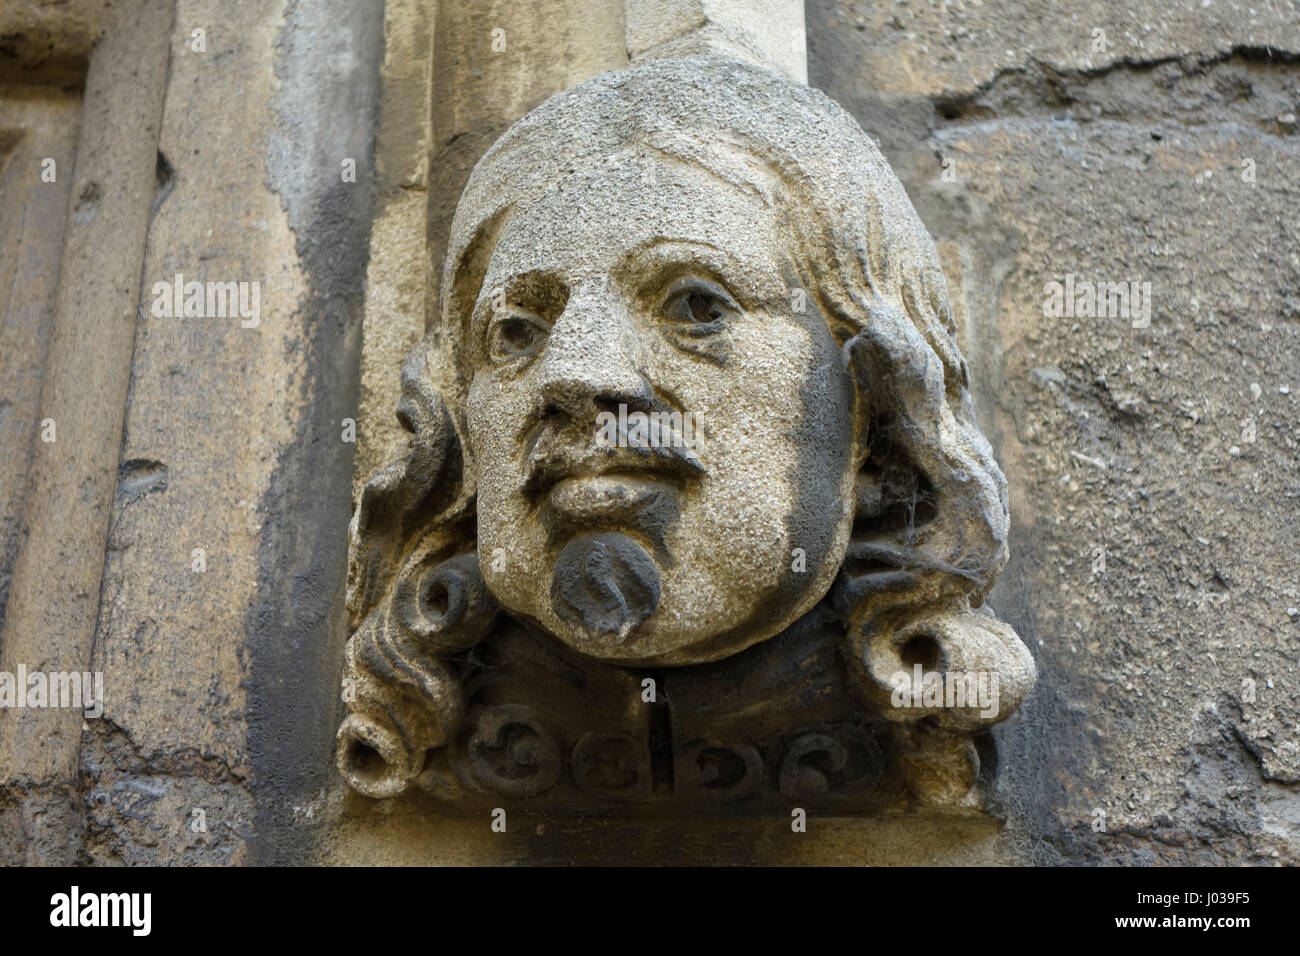 Gargoyle, Oxford University - Stock Image